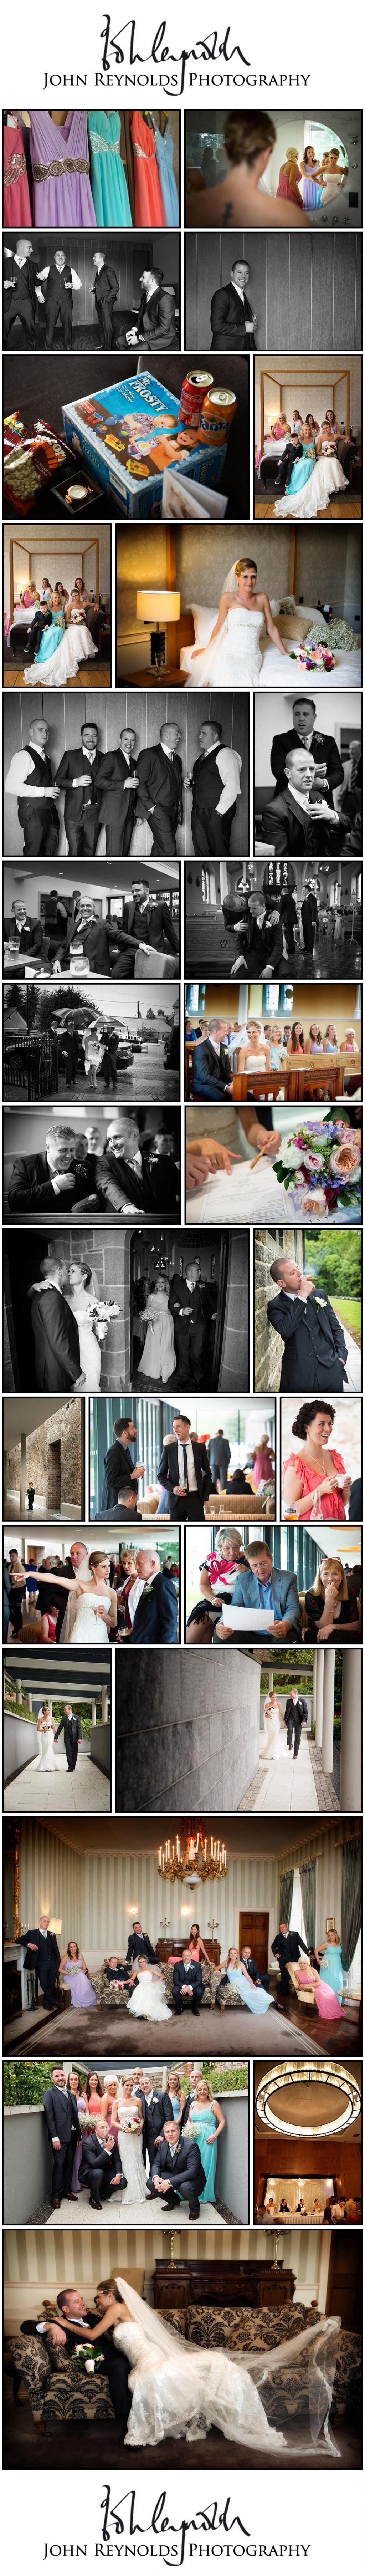 Blog Collage-Michelle & Gary